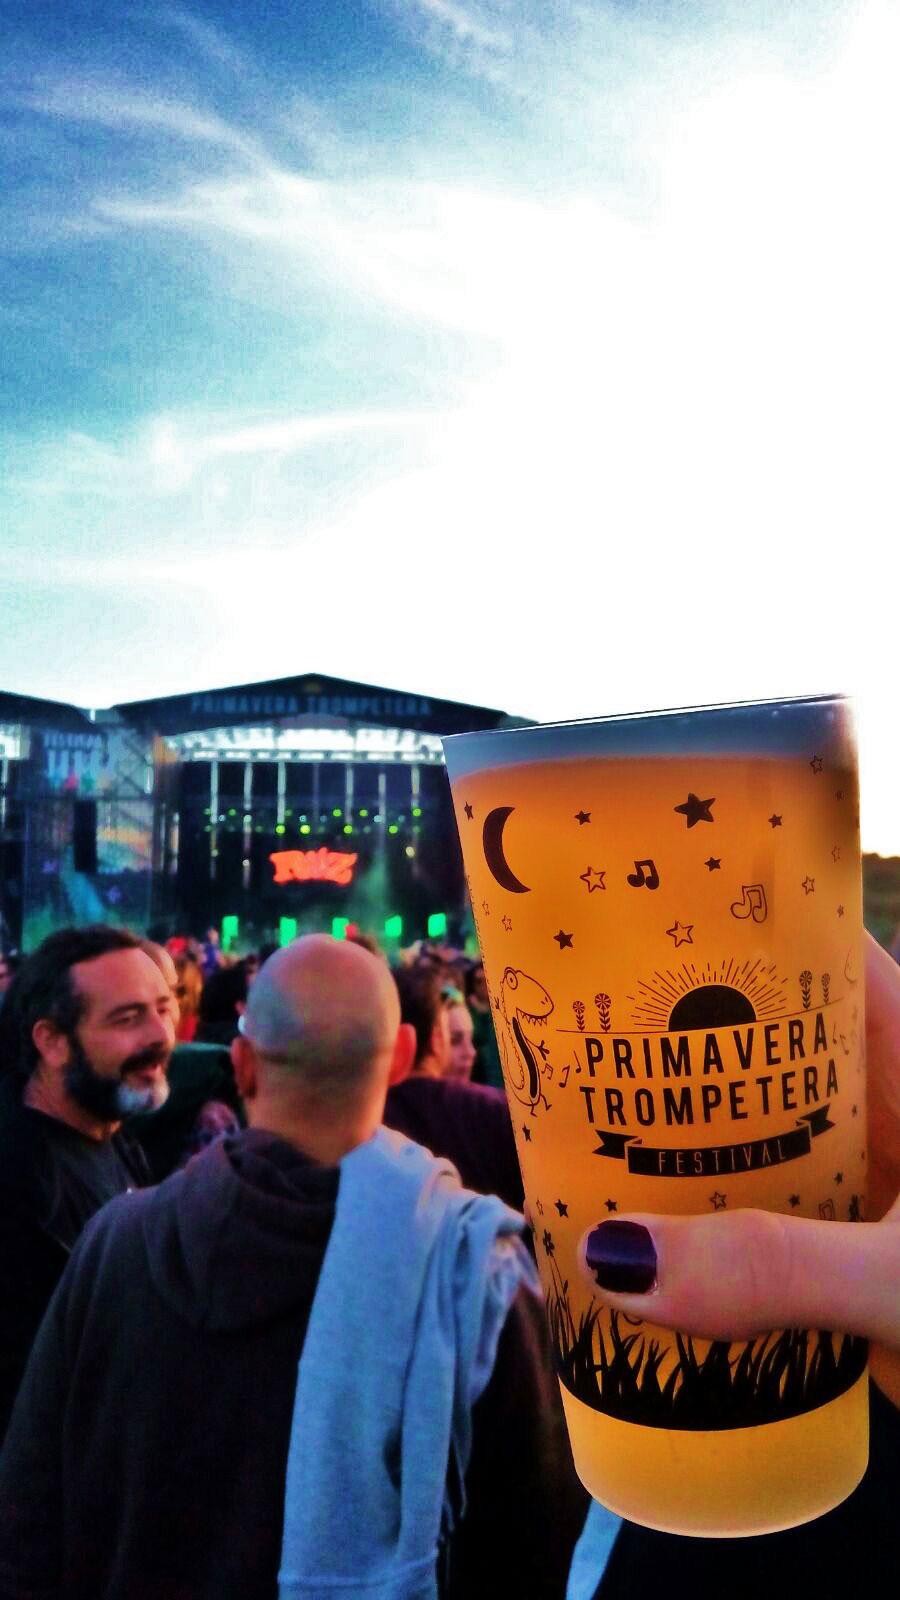 primavera-trompetera-festival-cronica-01